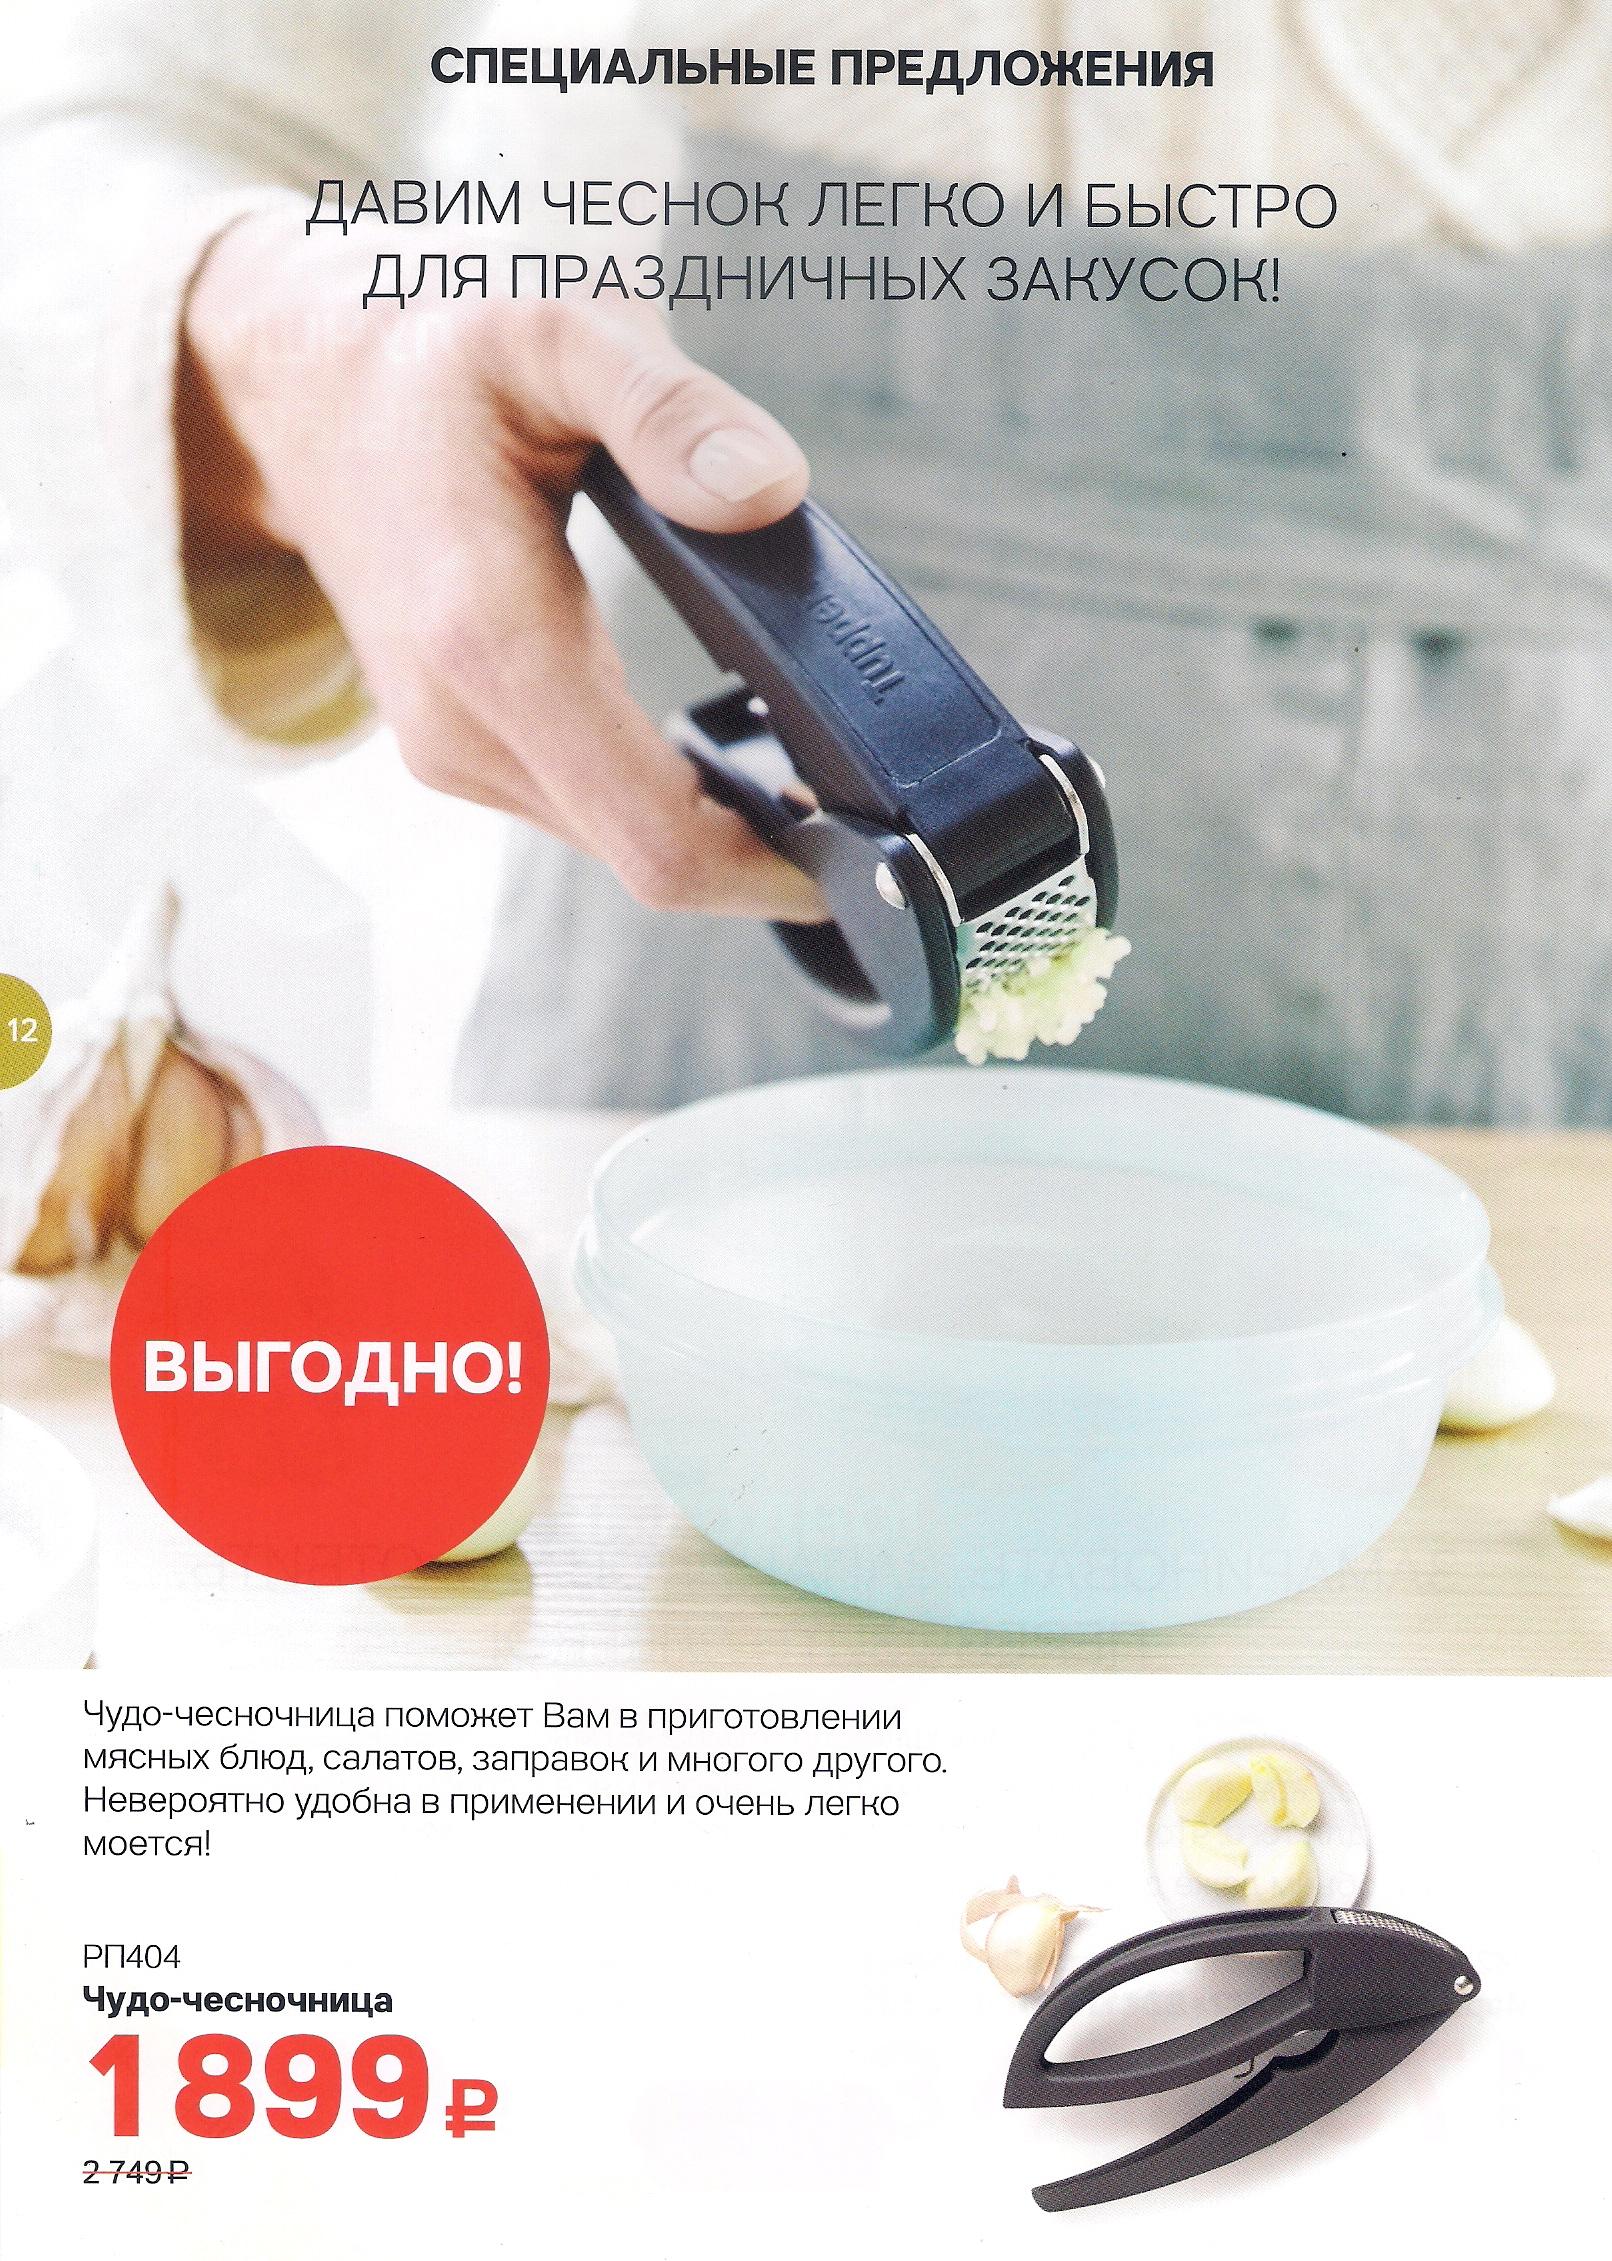 http://tupperware-online.ru/images/upload/11p.jpg